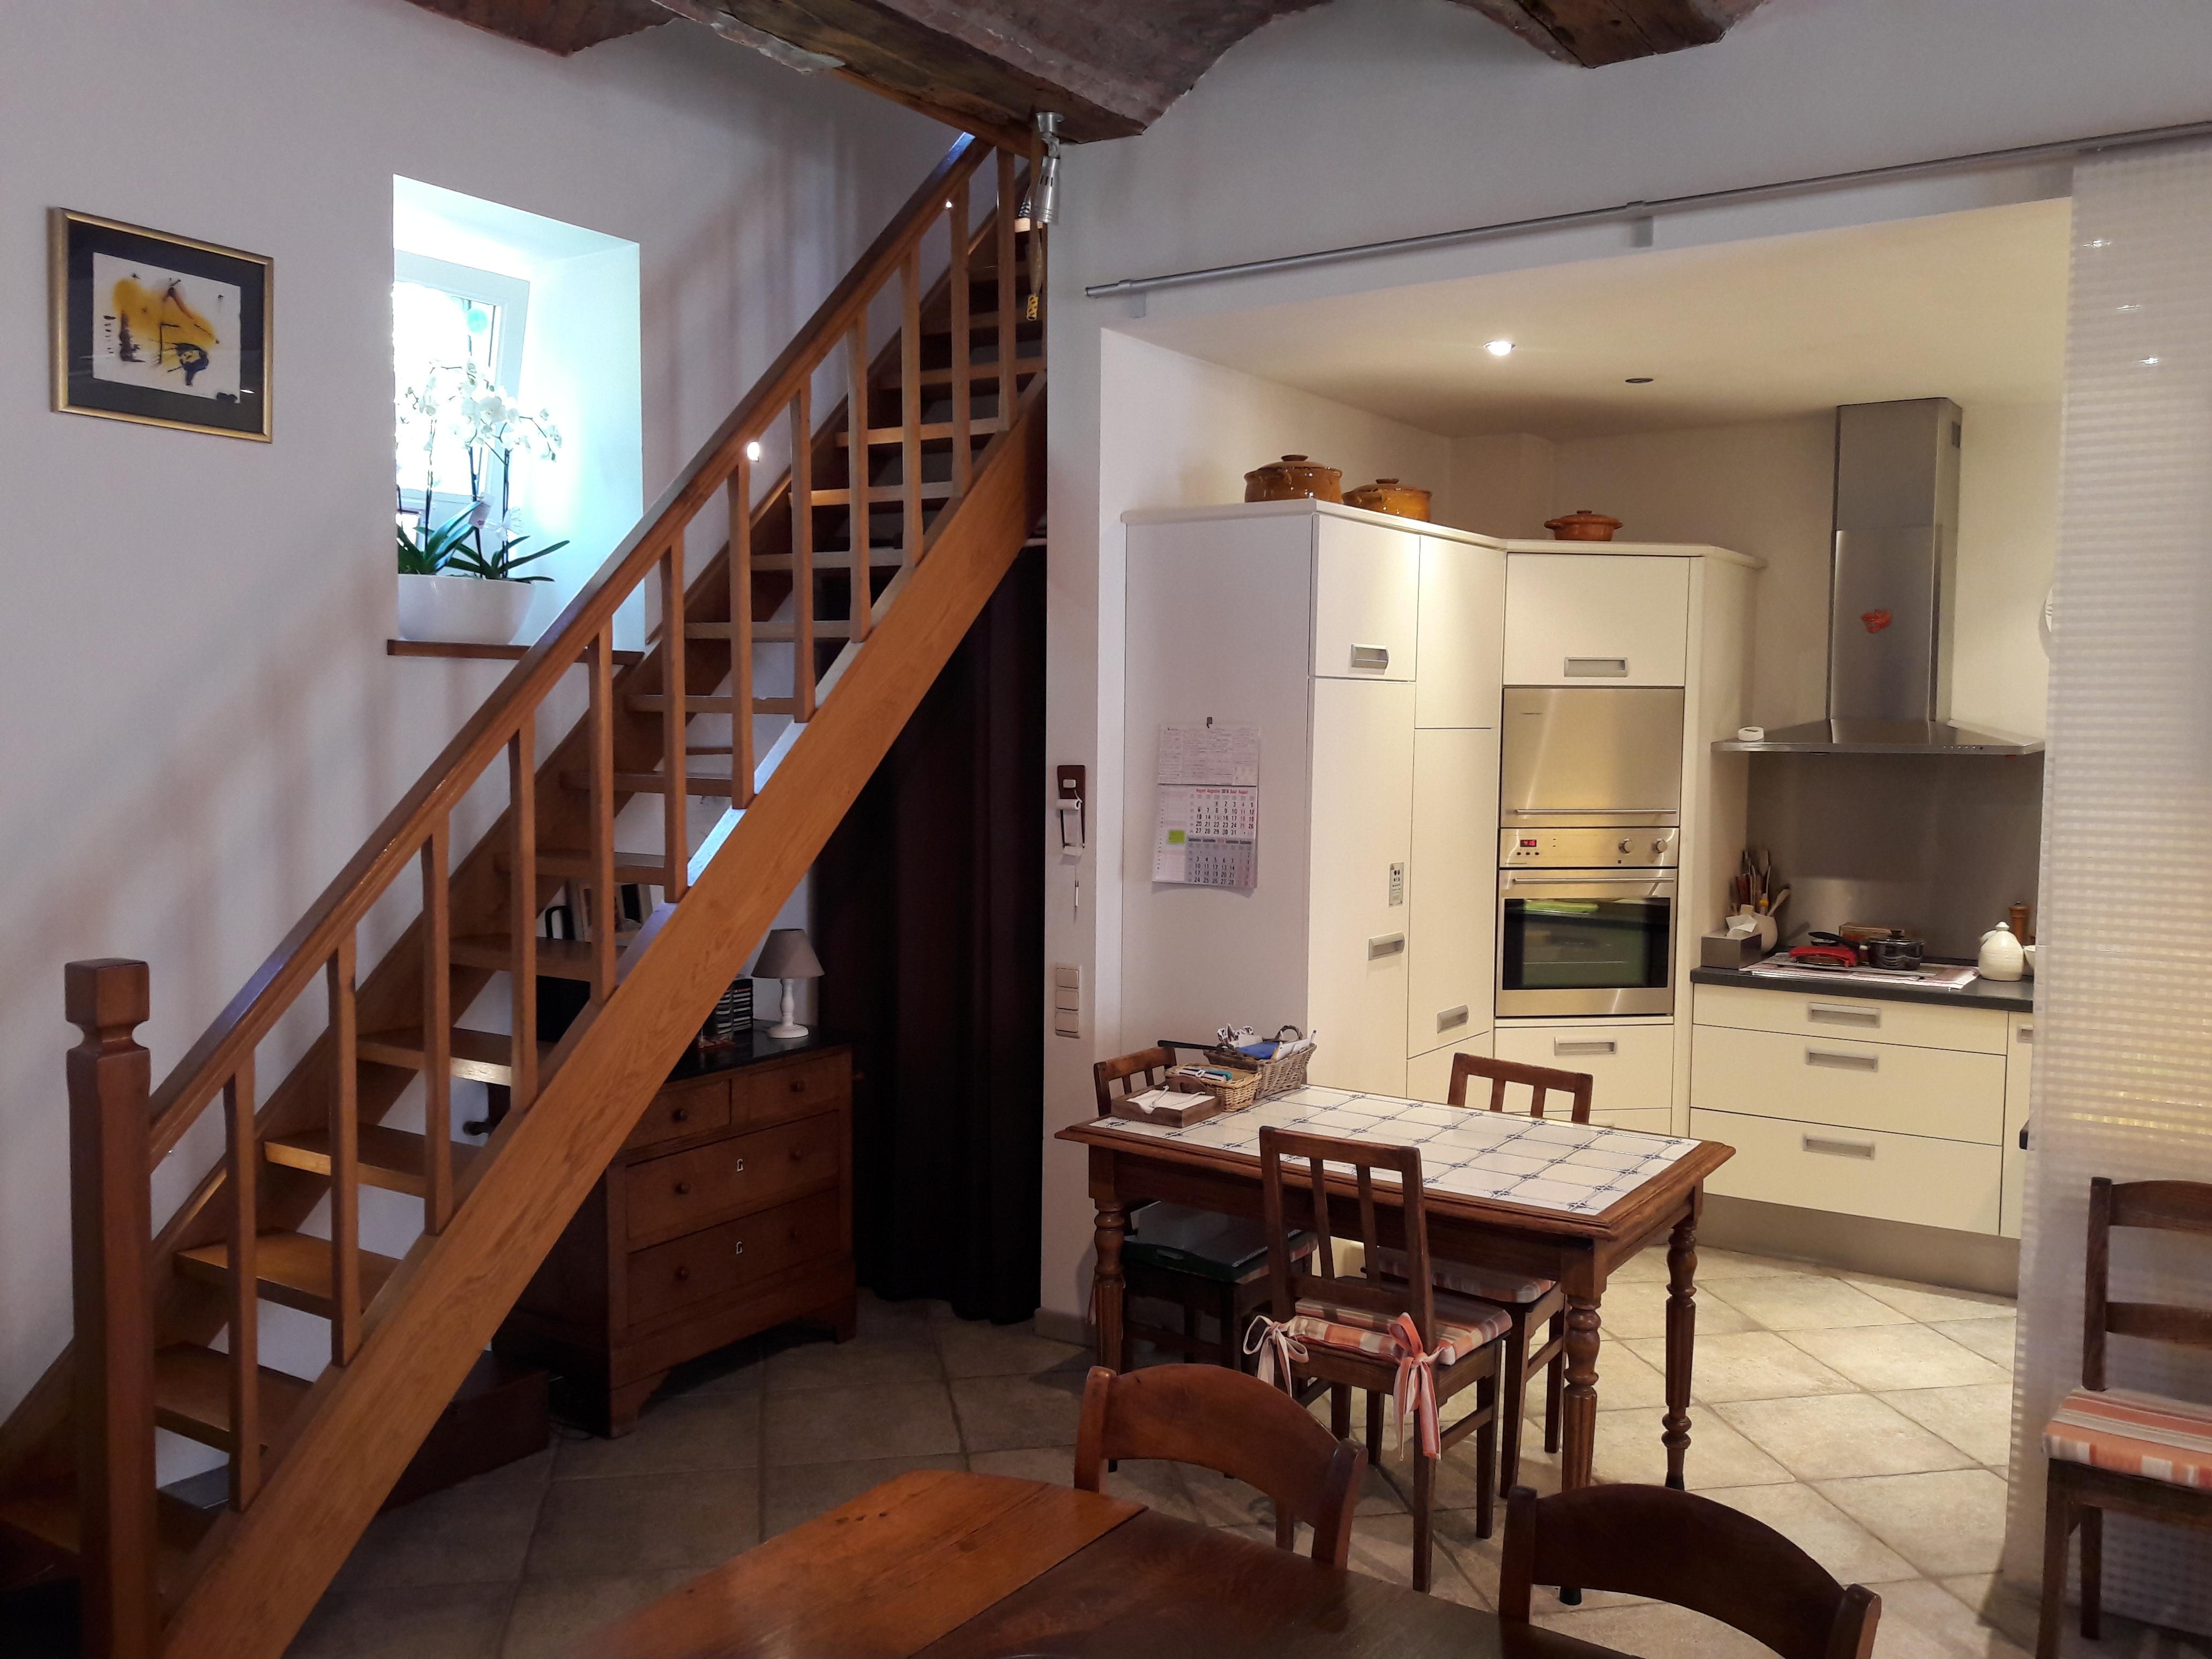 Salle à manger et escalier en bois